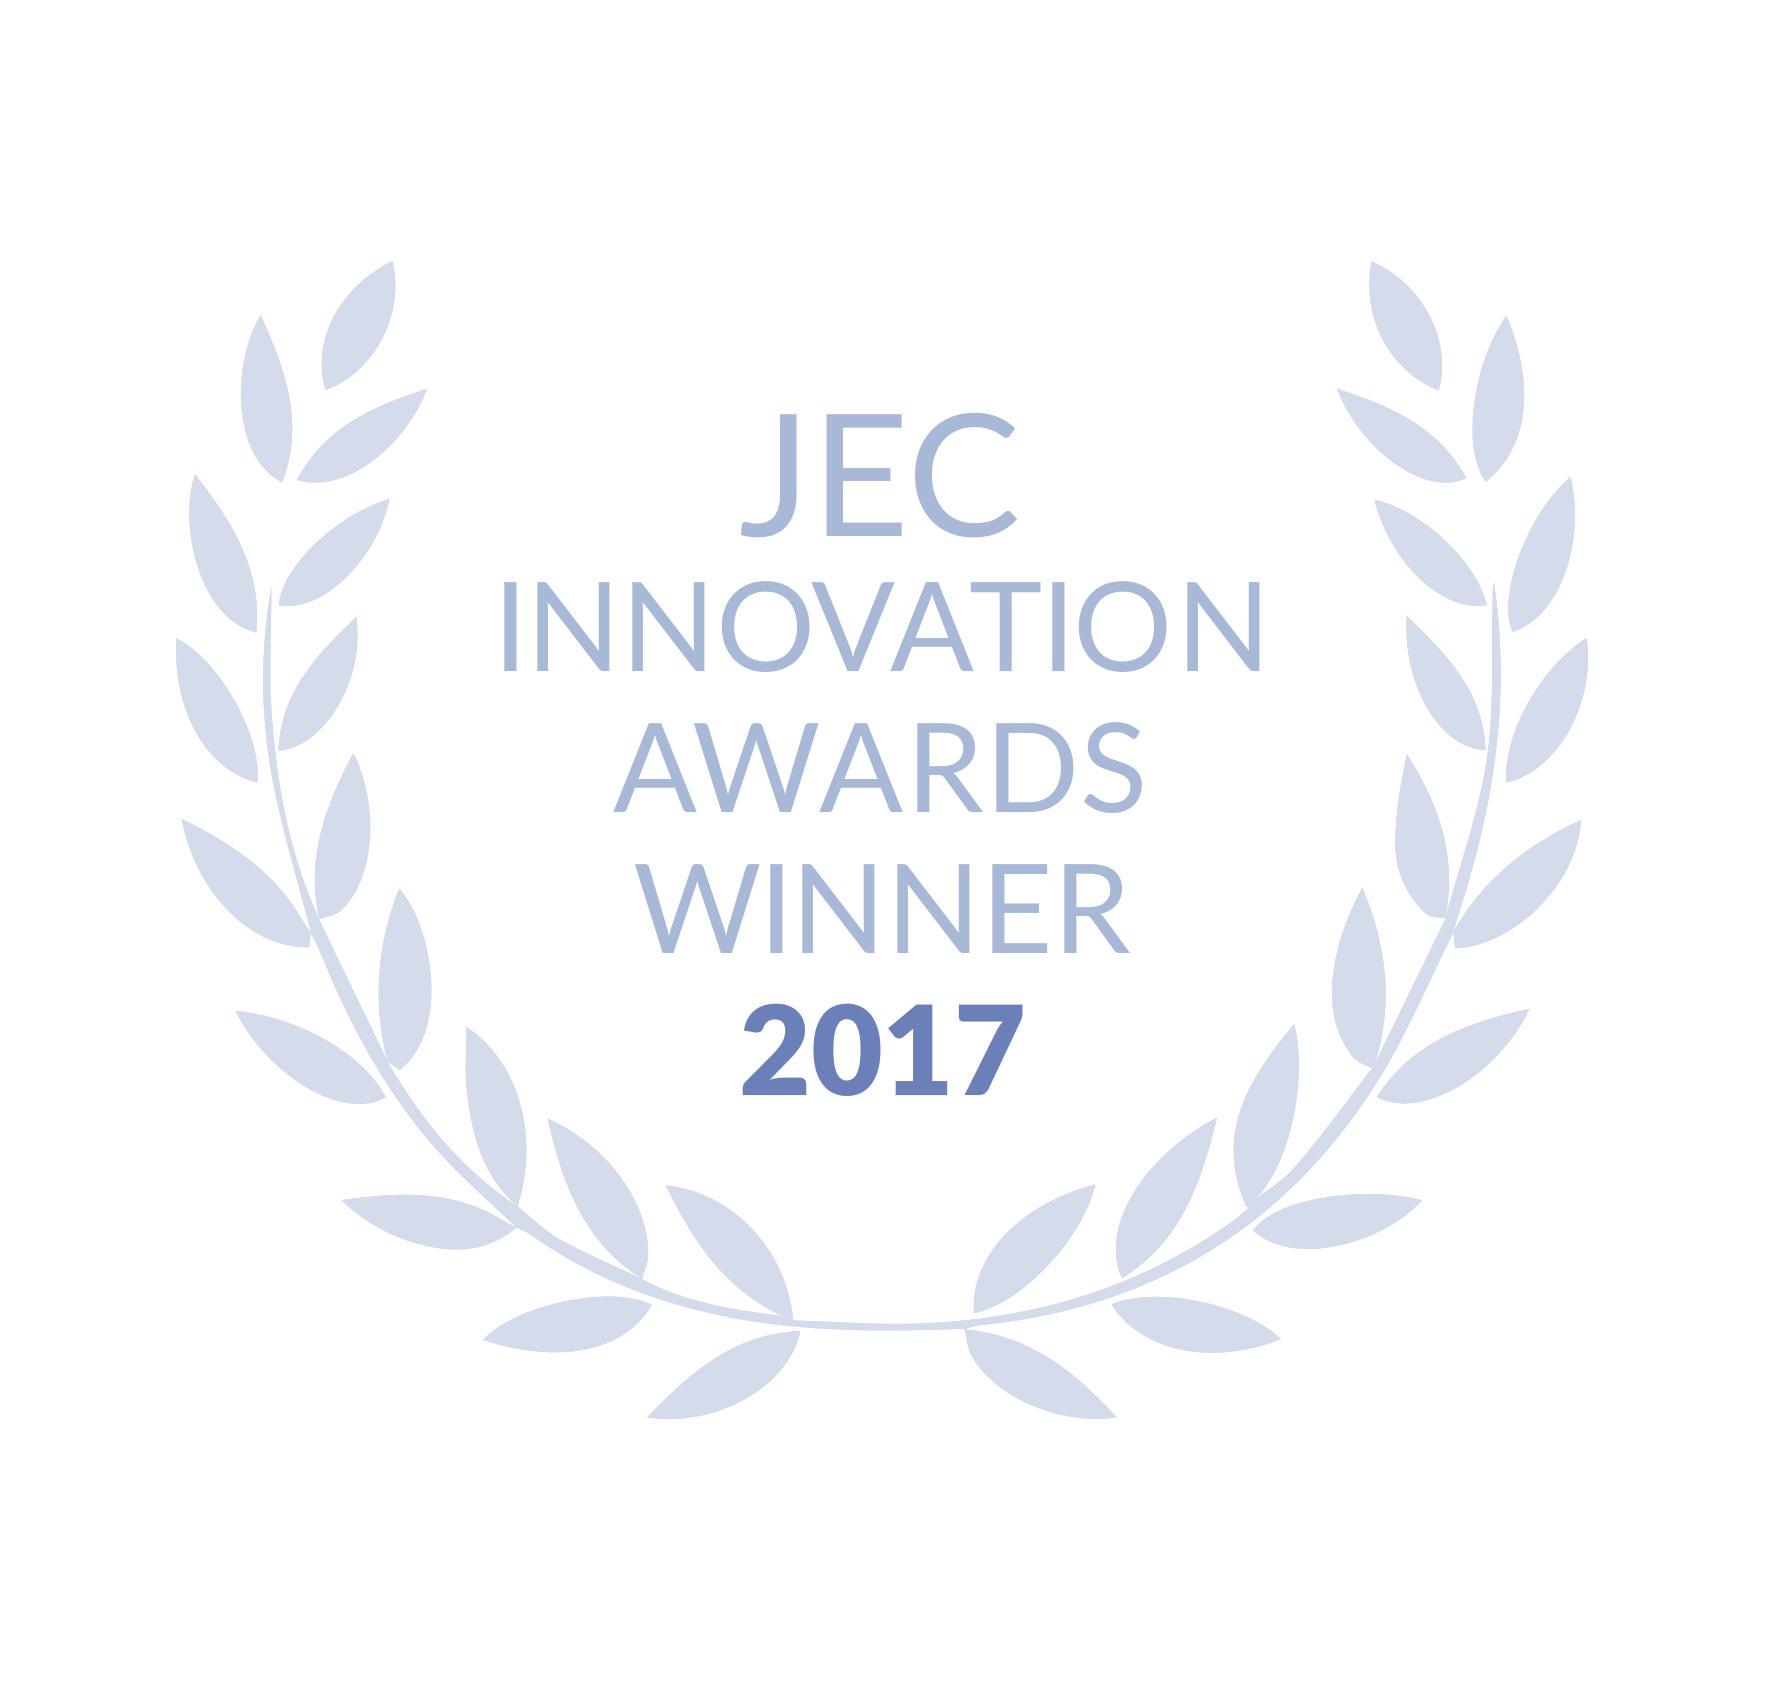 JEC INNOVATION AWARD WINNER 2017.jpeg